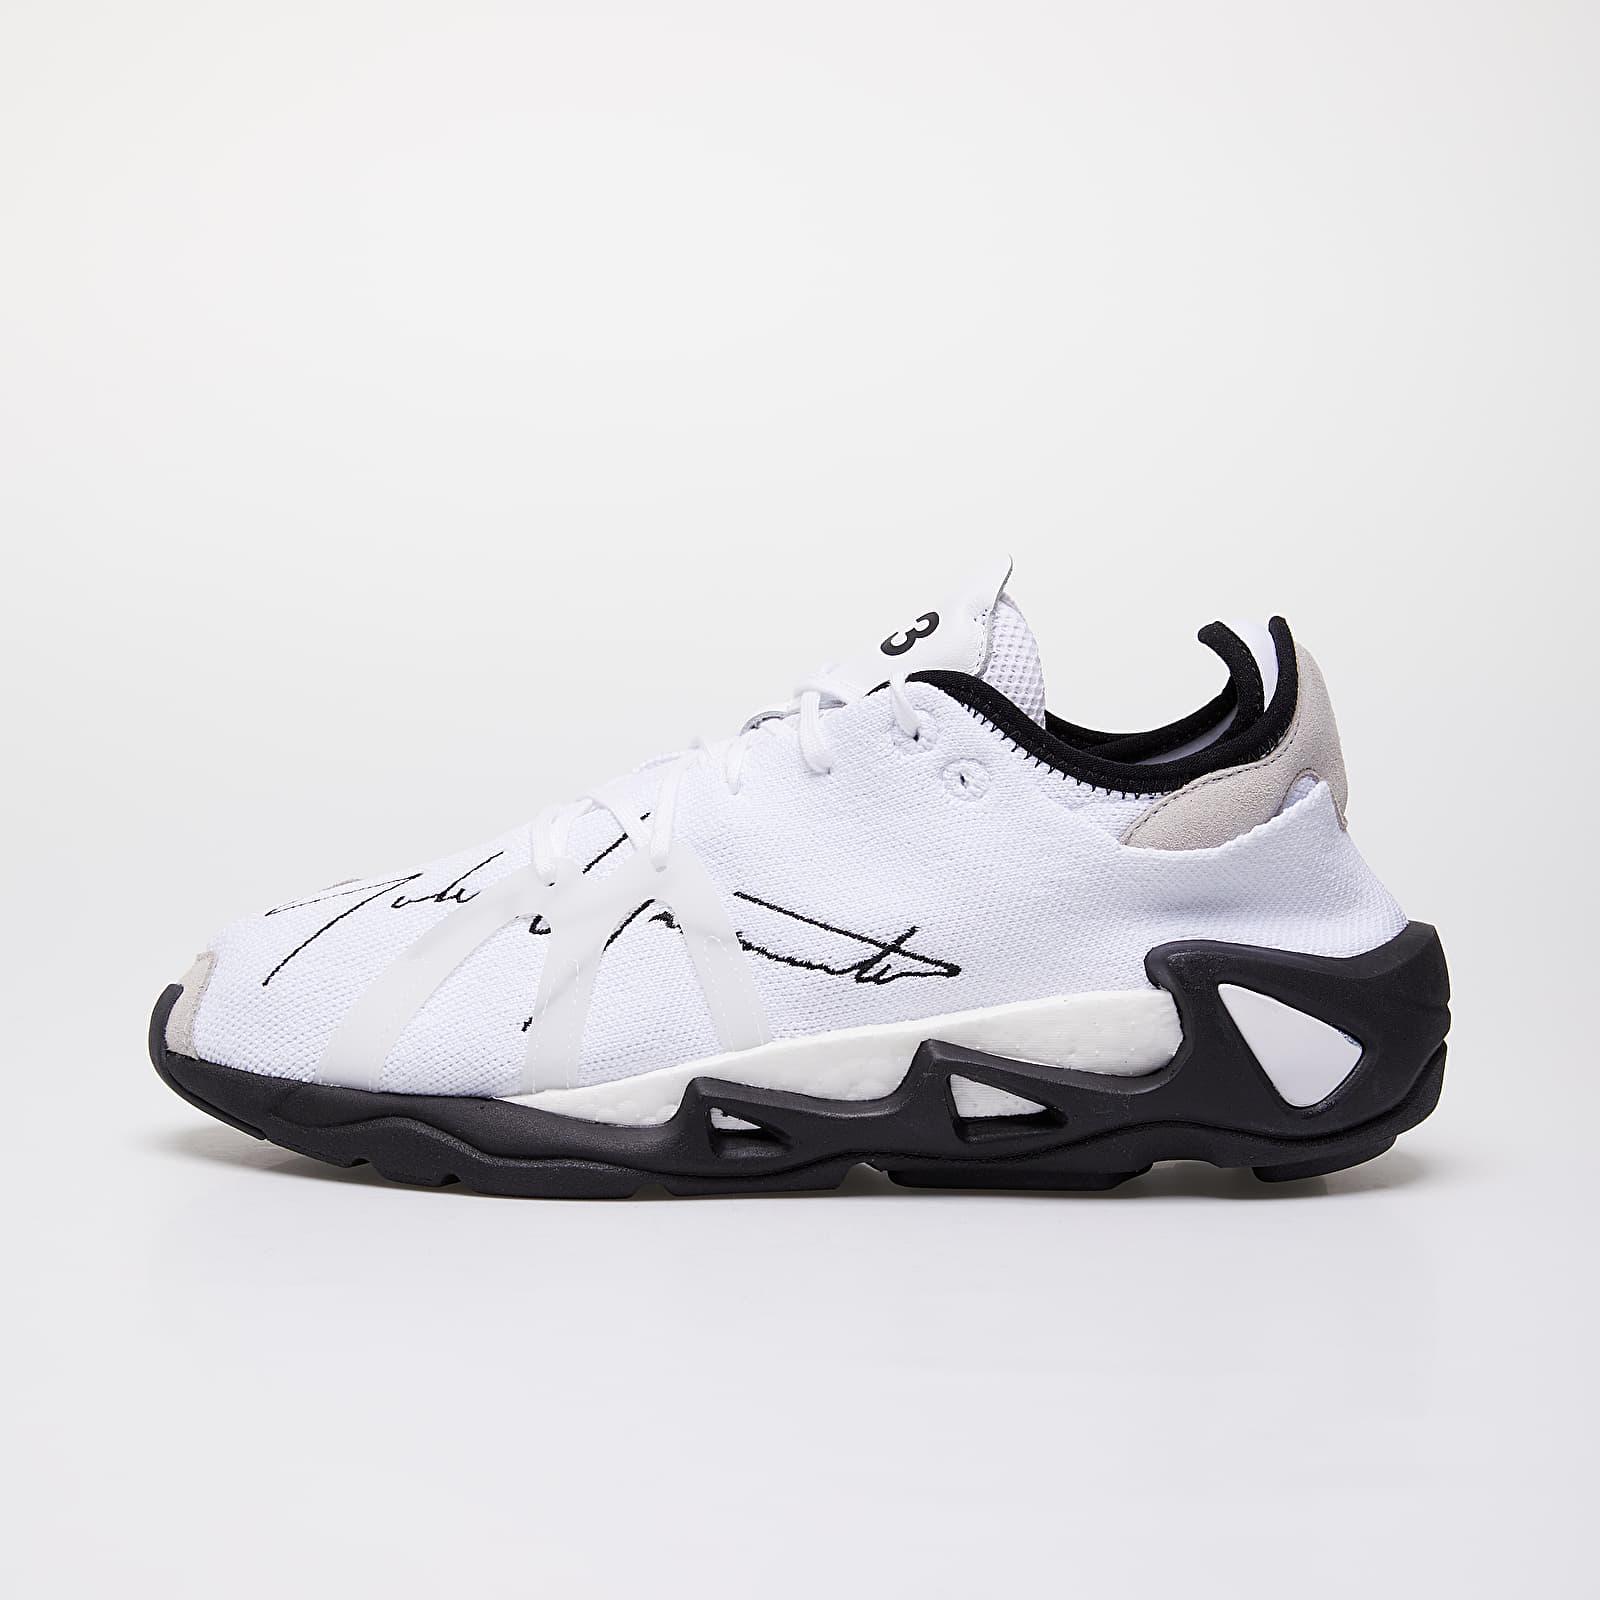 Ανδρικά παπούτσια Y-3 FYW S-97 Off White/ Black-Y3/ Ftwr White